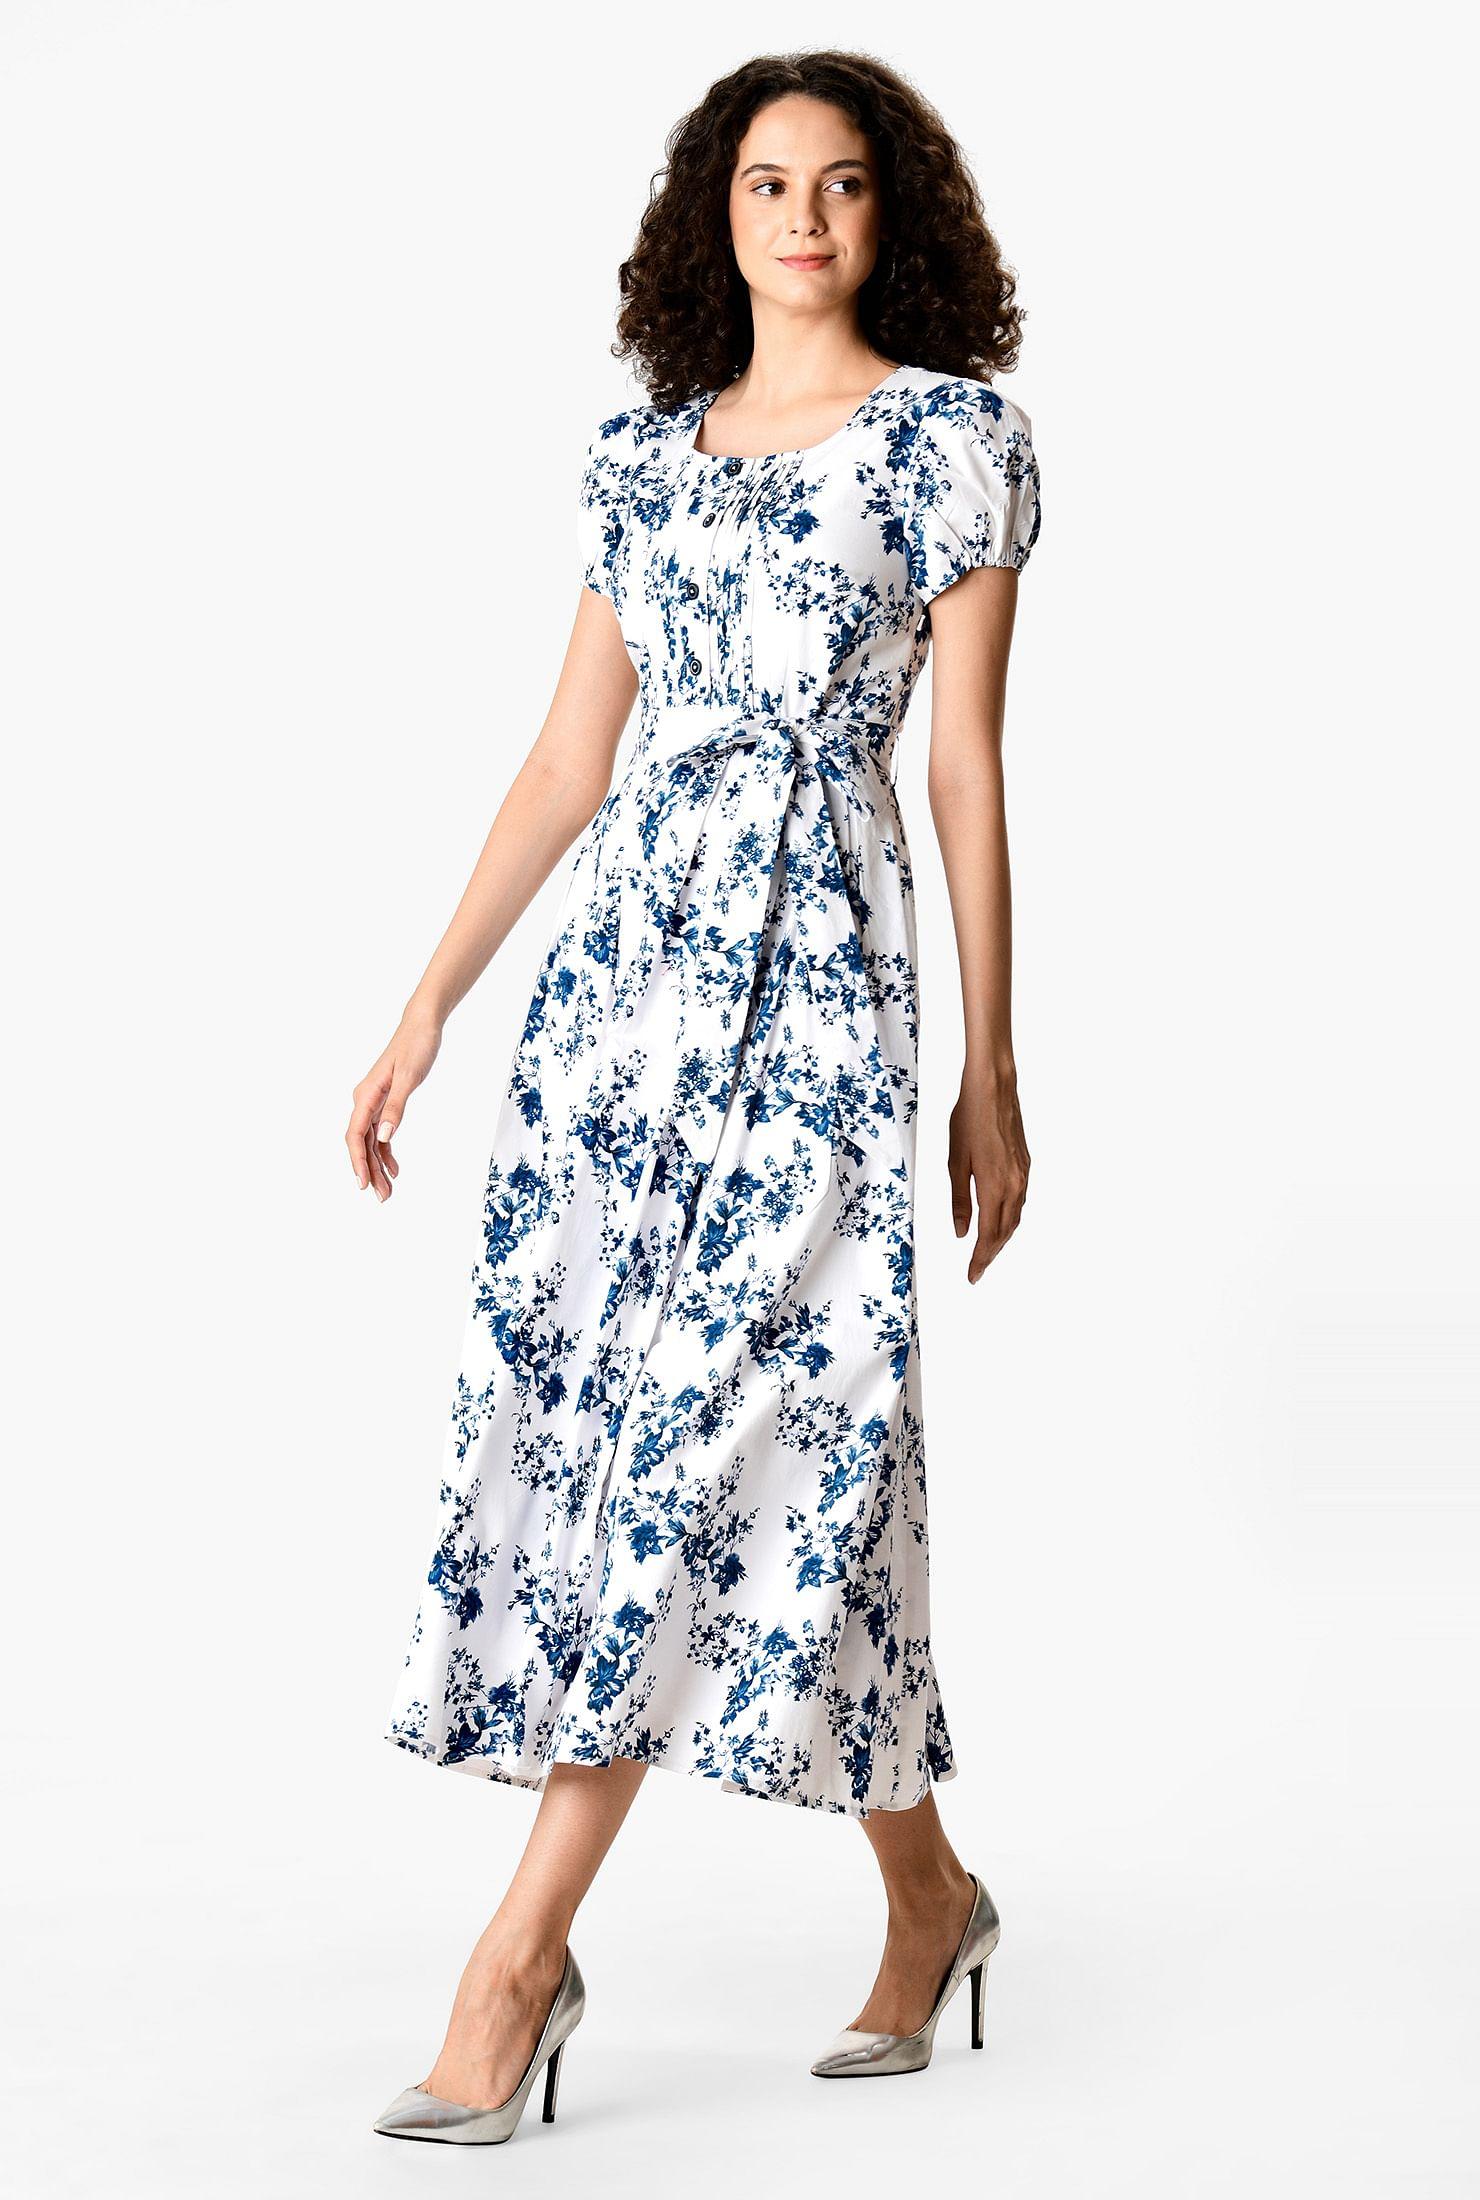 8916cdea32 all-size inclusive dresses, casual event dresses, petites, plus size dresses